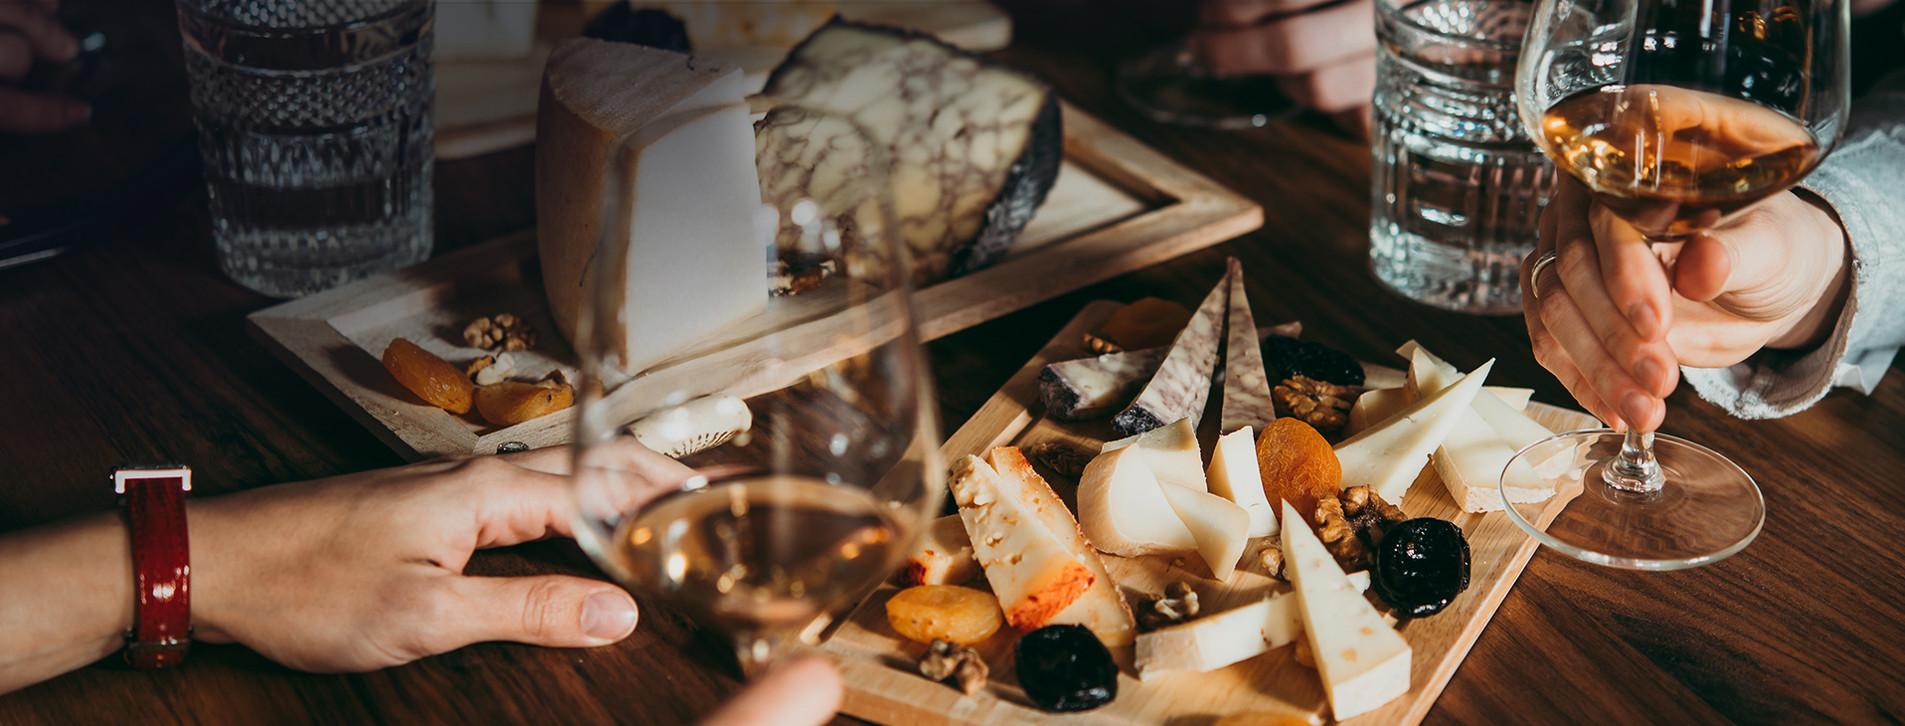 Фото 1 - Дегустация вина и сыра для компании